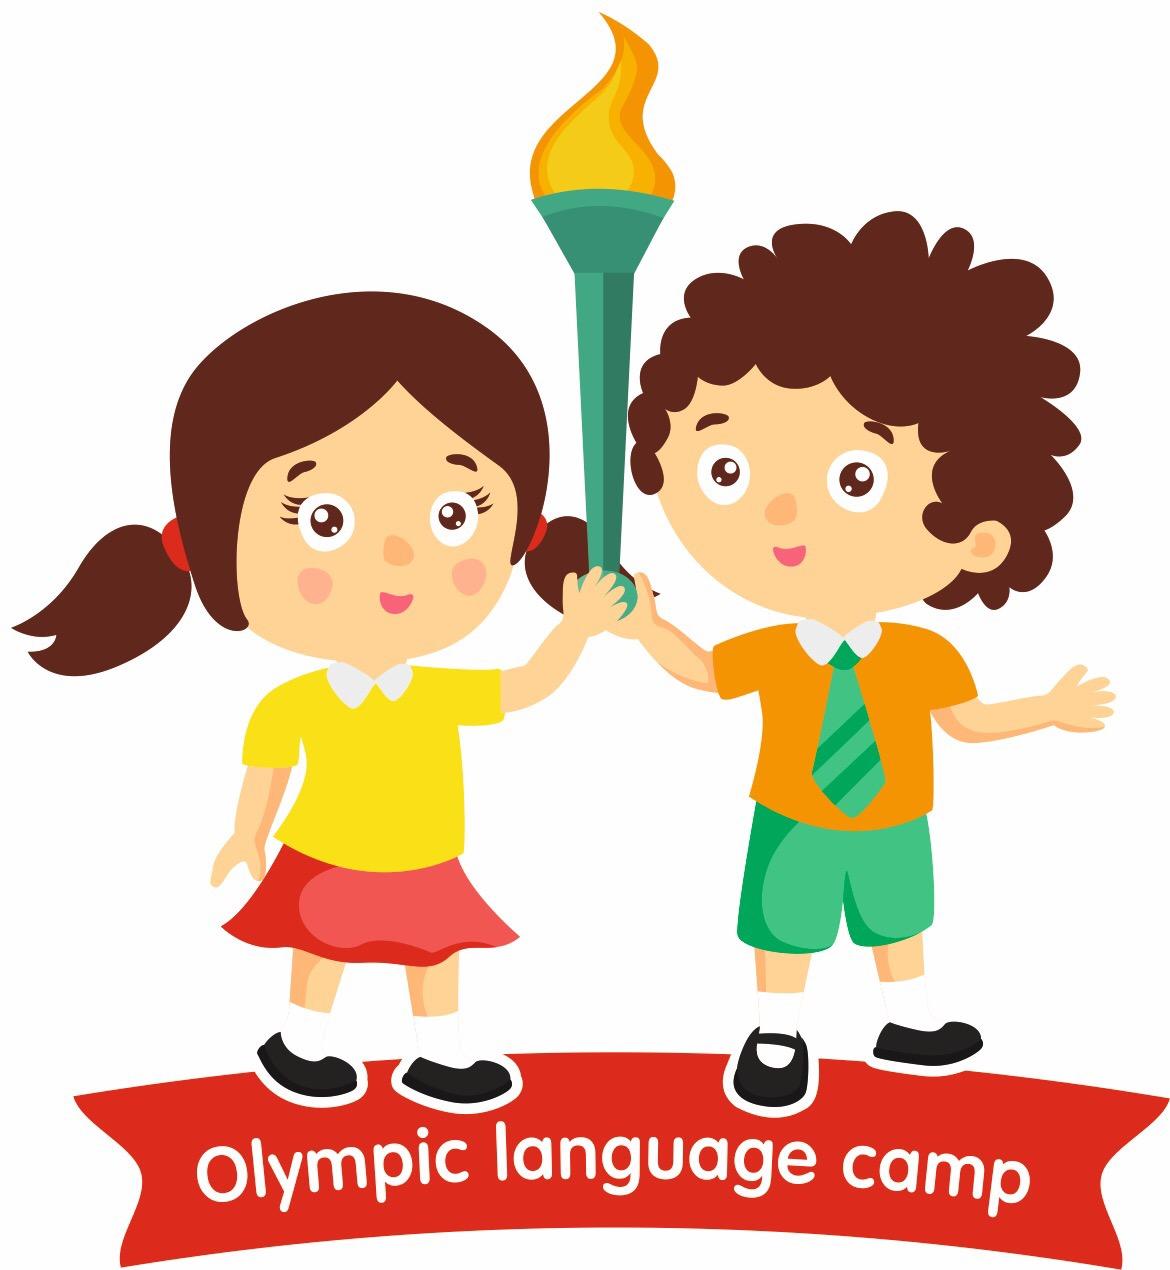 Подготовка к участию во Всероссийской Олимпиаде школьников по английскому языку